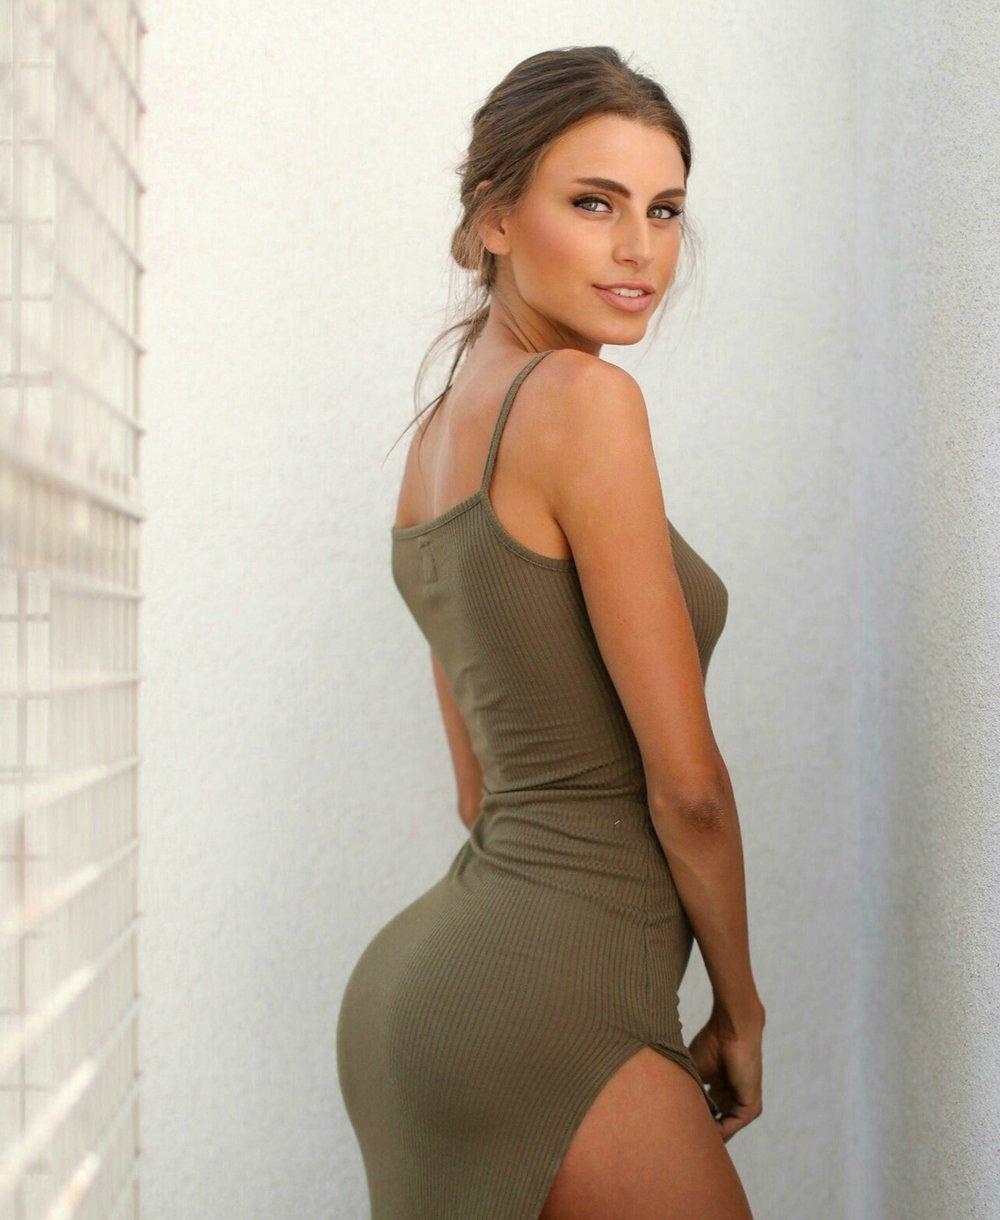 Brooke_Swallow_model.jpg